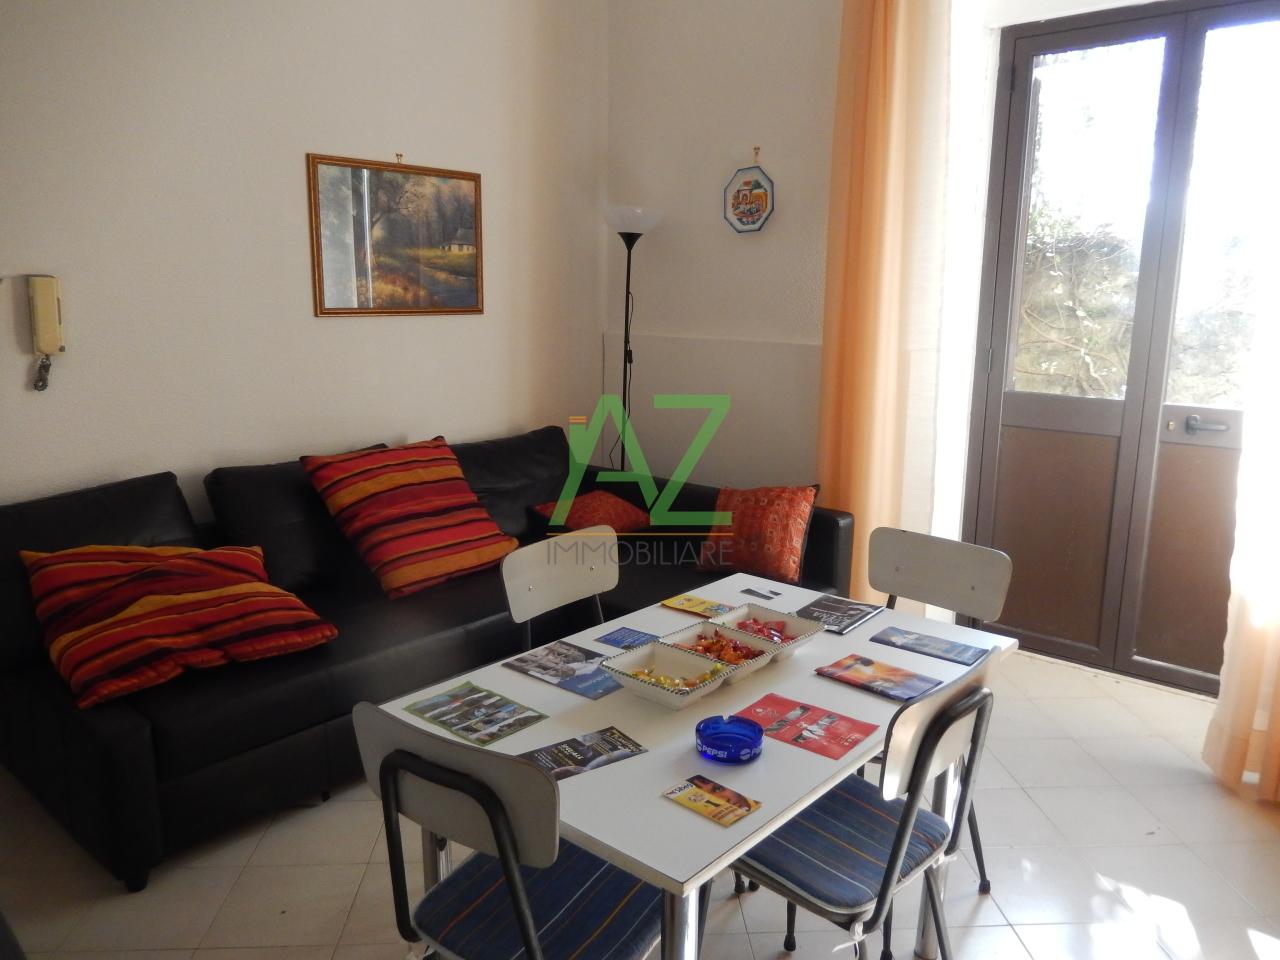 Appartamento in affitto a Zafferana Etnea, 2 locali, prezzo € 350 | Cambio Casa.it